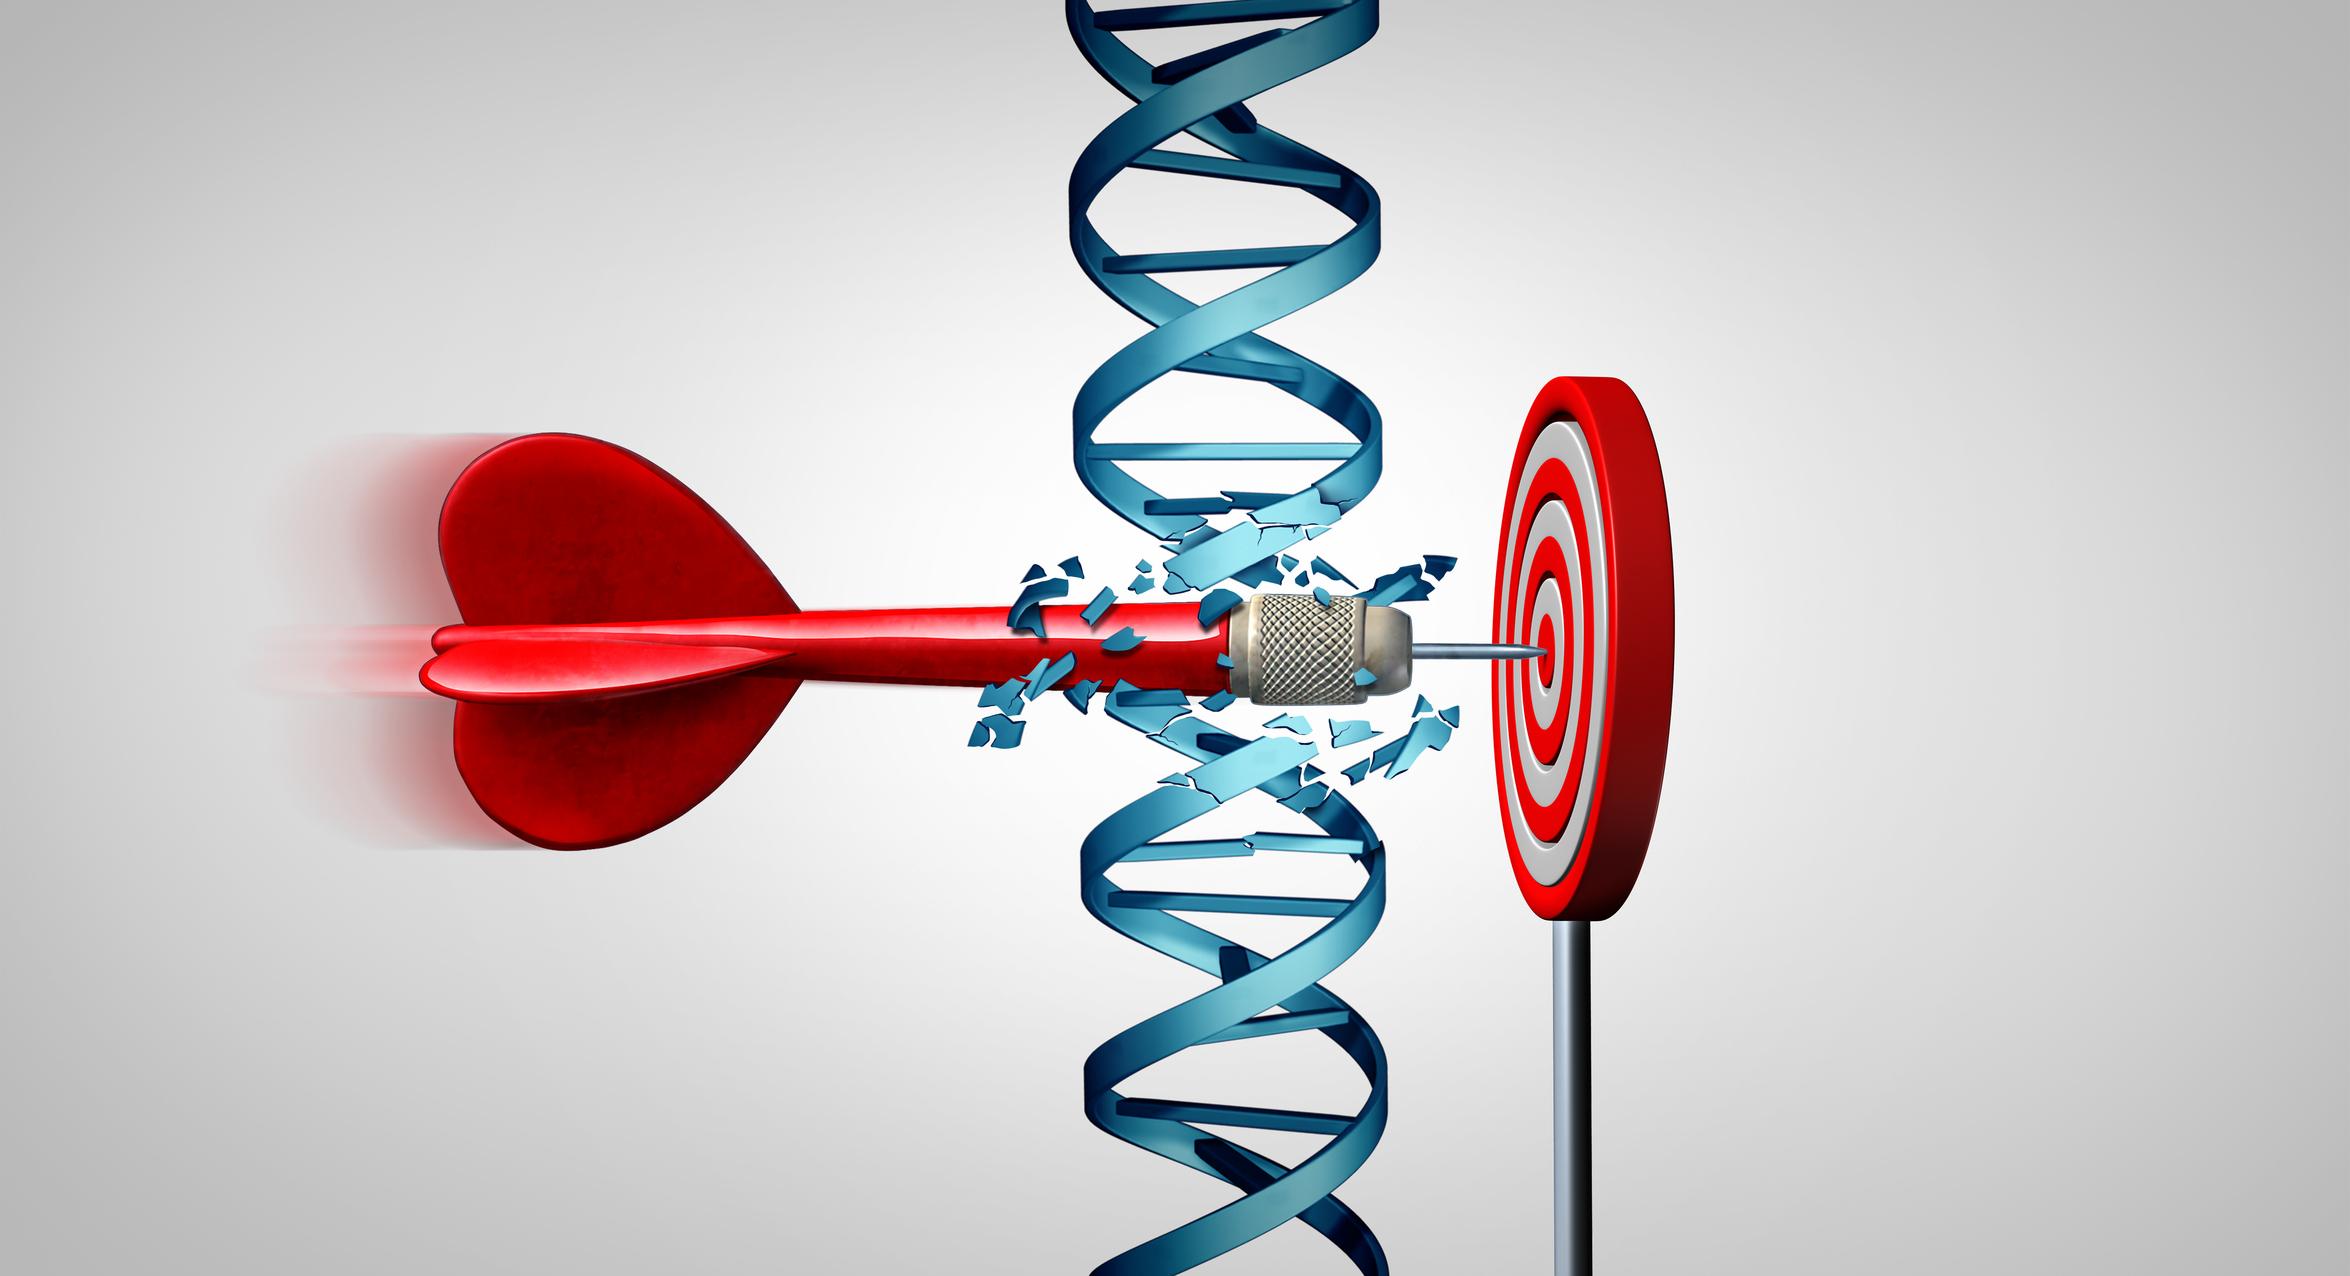 Dart slicing through DNA to hit dartboard